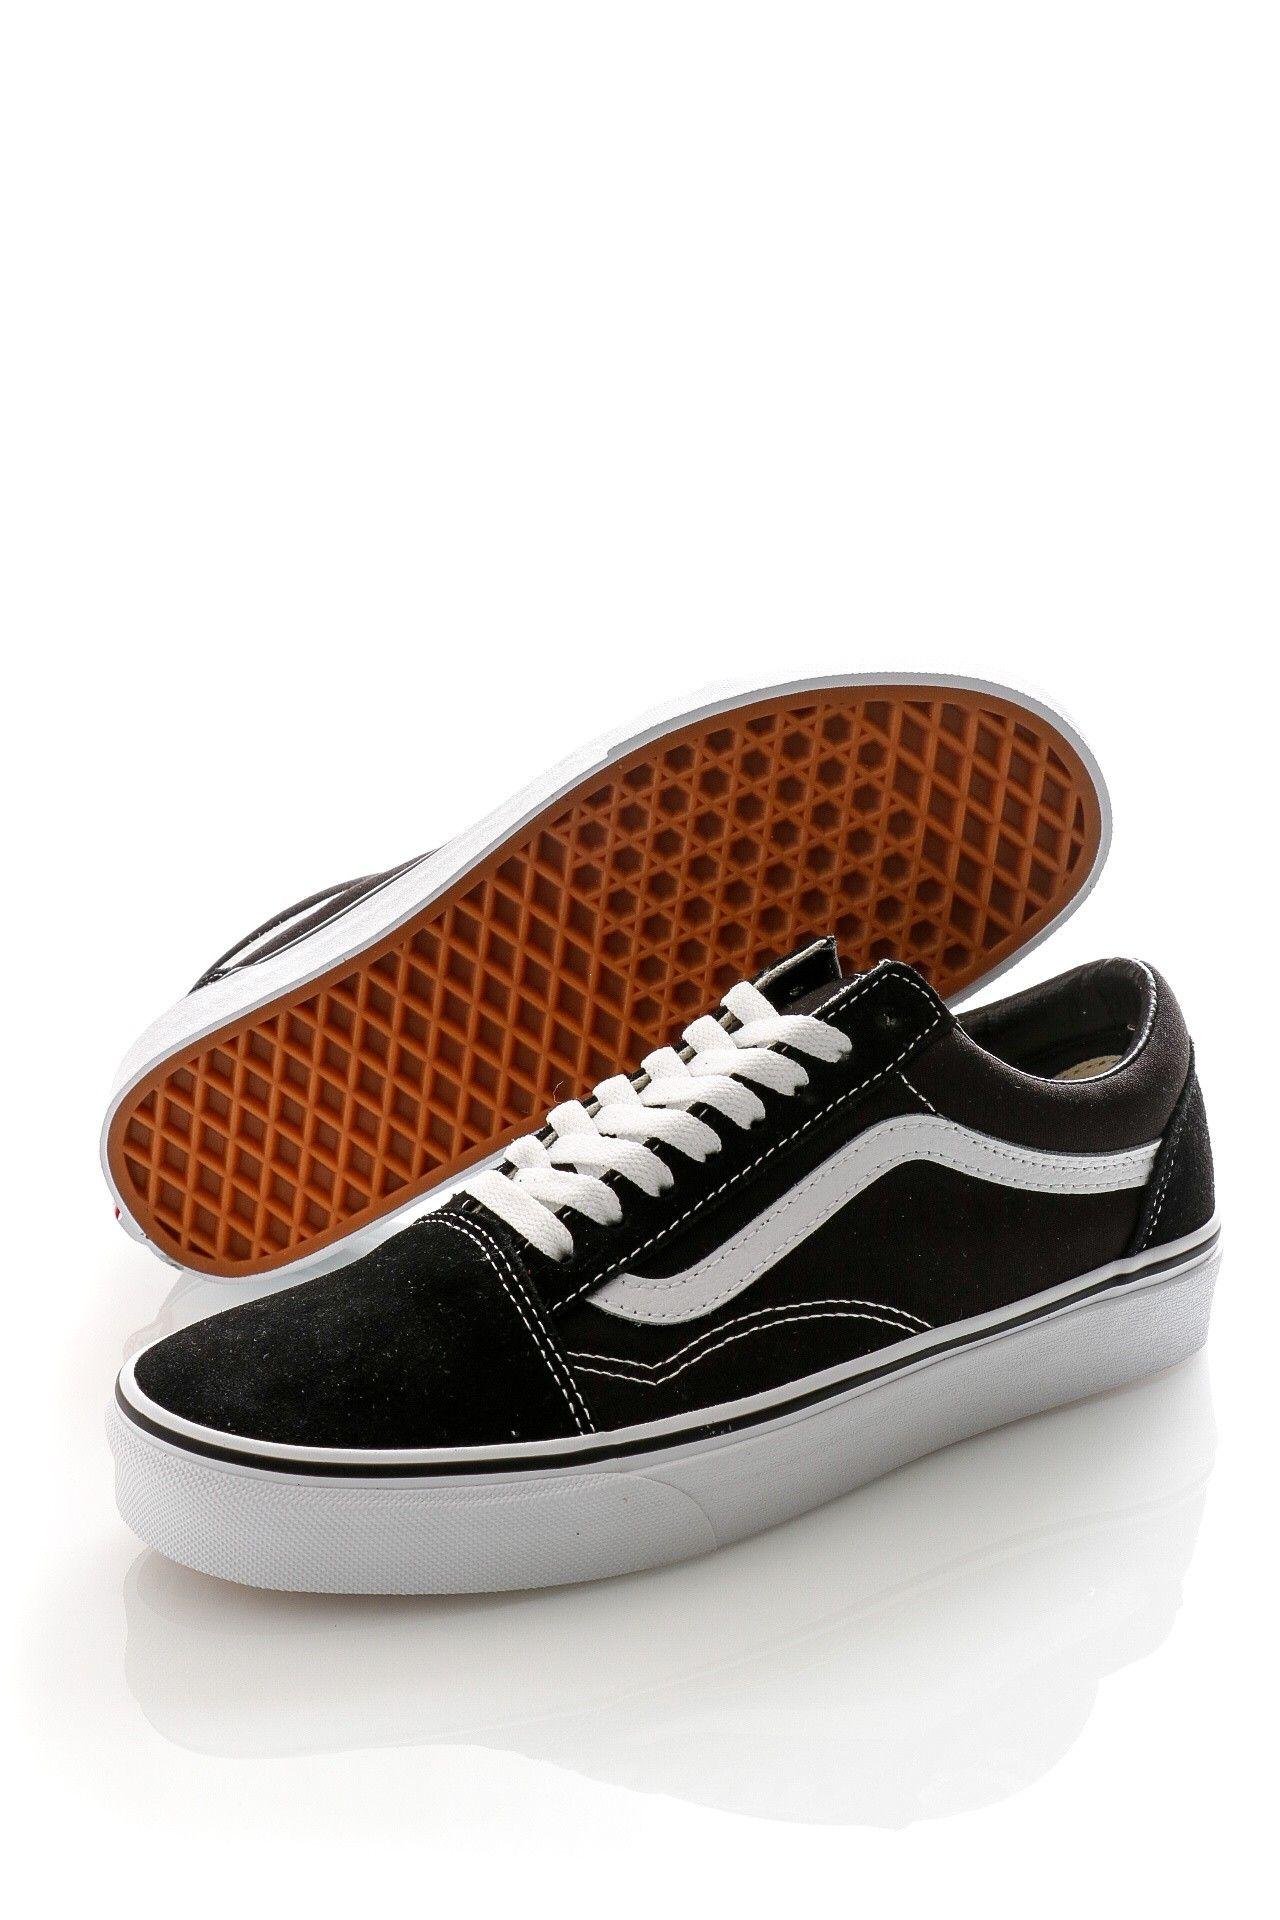 Afbeelding van Vans Classics Sneakers Old Skool Black N000D3HY281